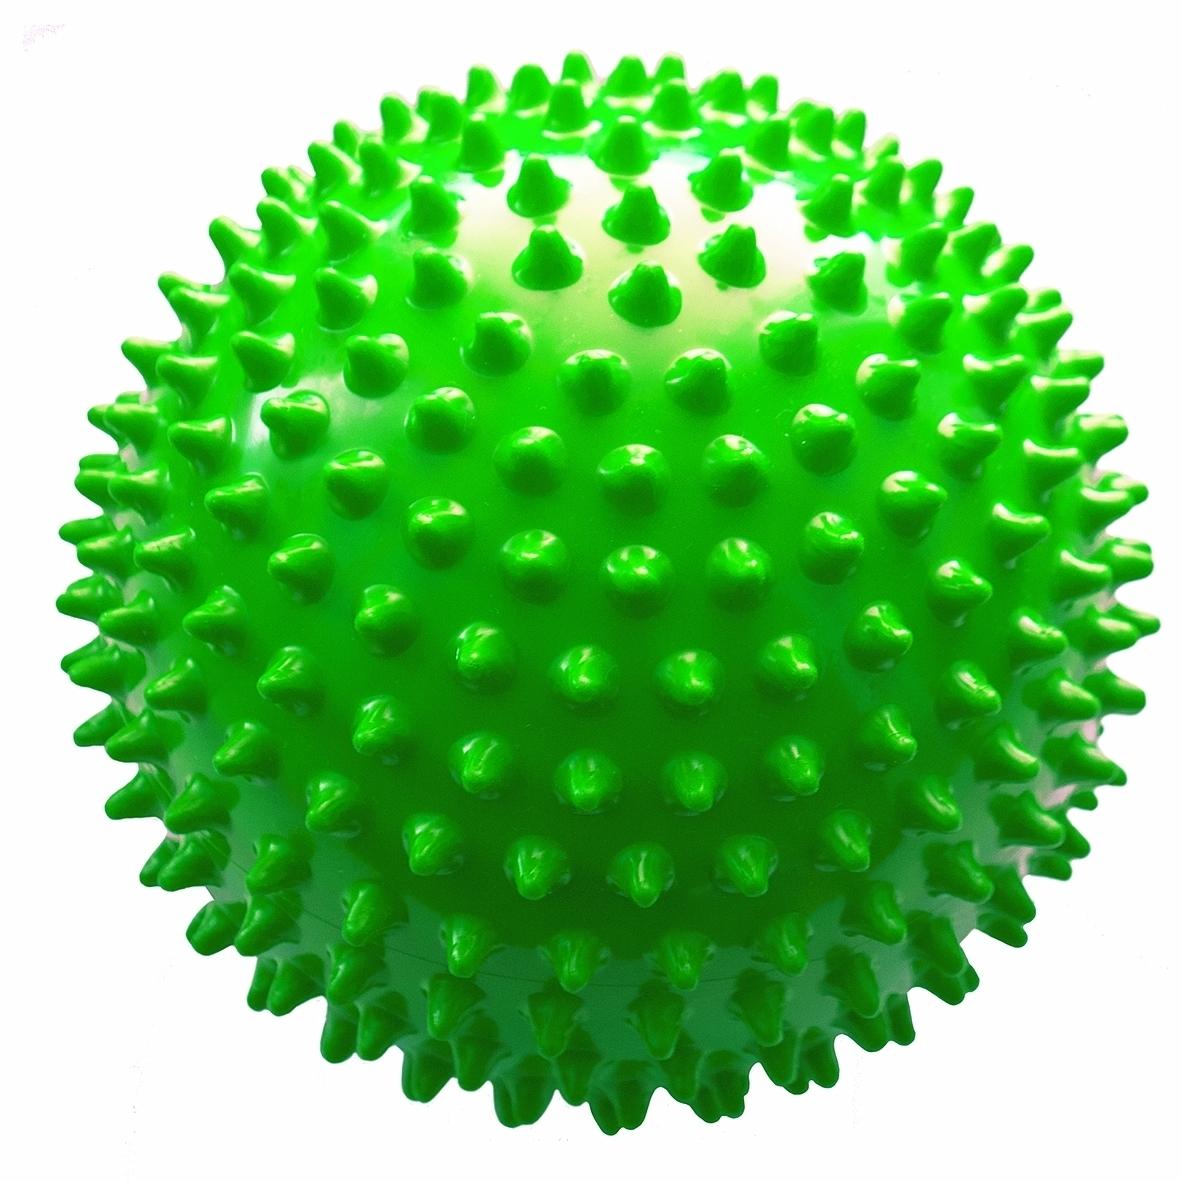 Мяч ежик МалышОК 8,5 см (в пакете) зеленый<br>